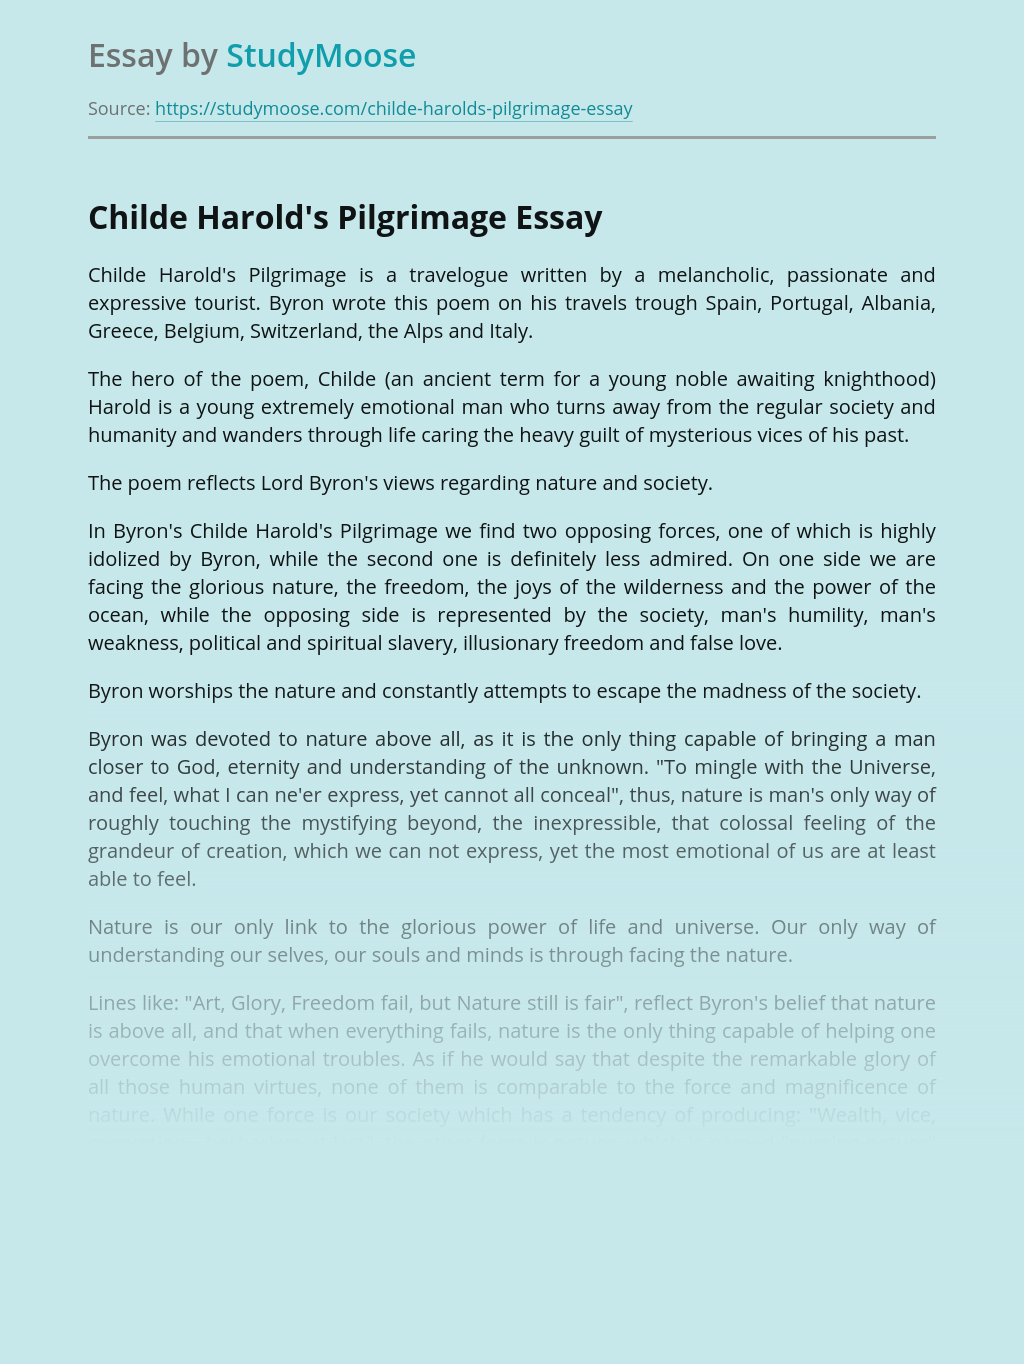 Childe Harold's Pilgrimage